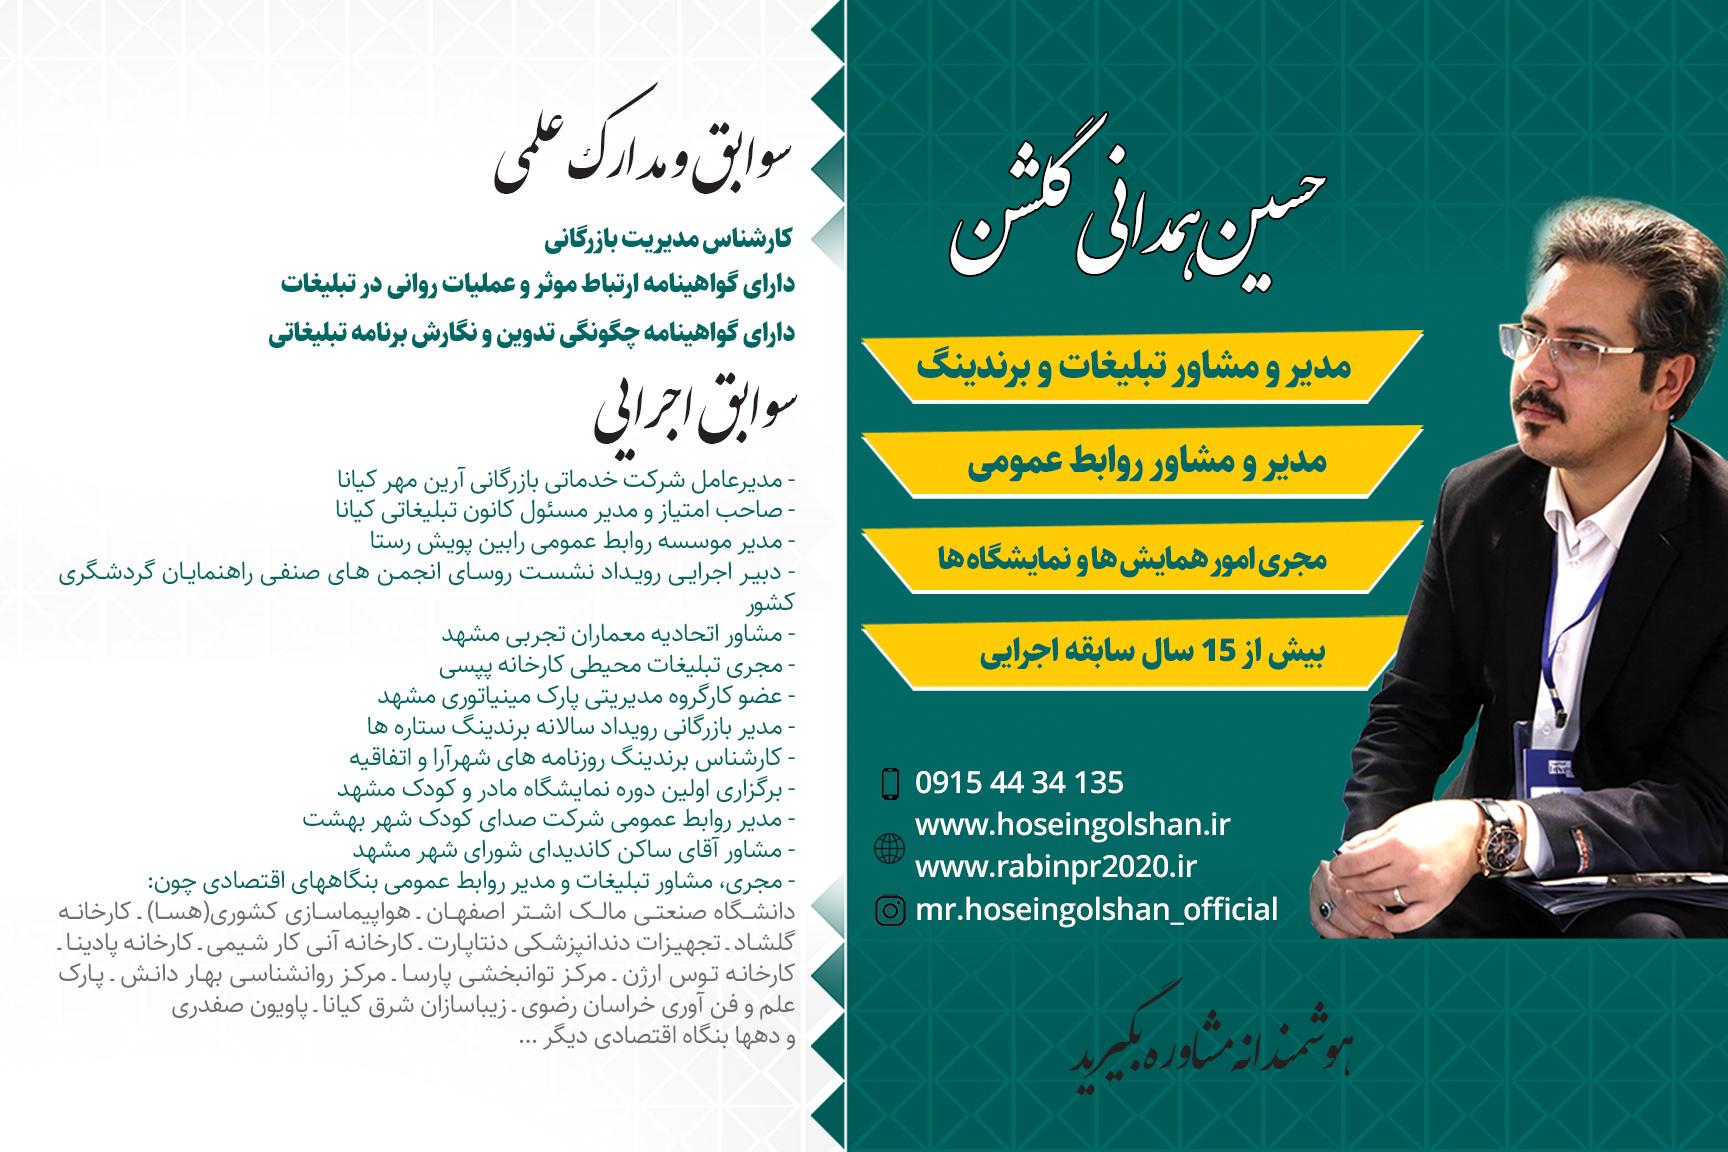 حسین همدانی گلشن